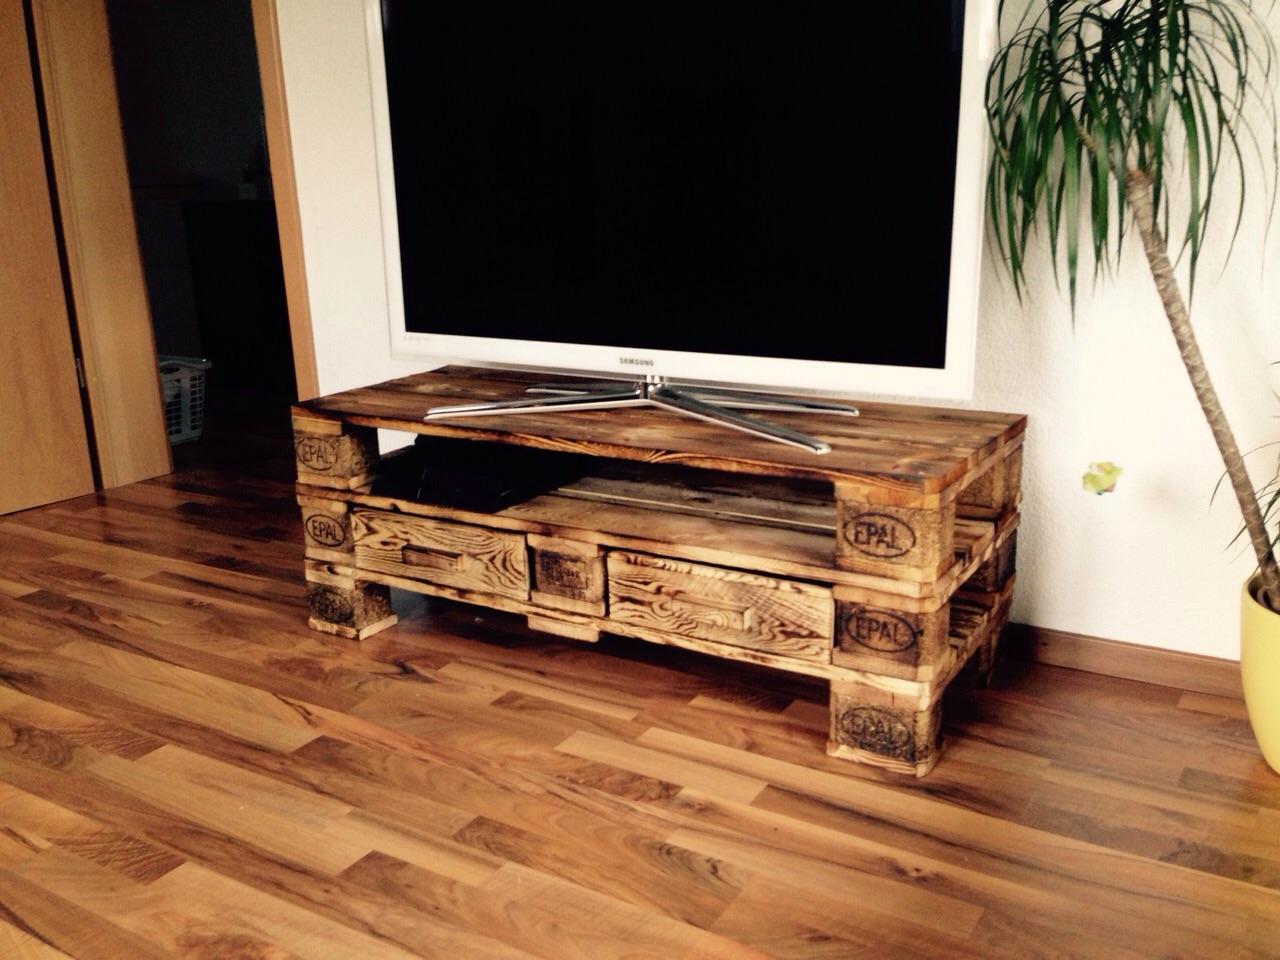 tv m bel malecon zubring palettenm bel. Black Bedroom Furniture Sets. Home Design Ideas